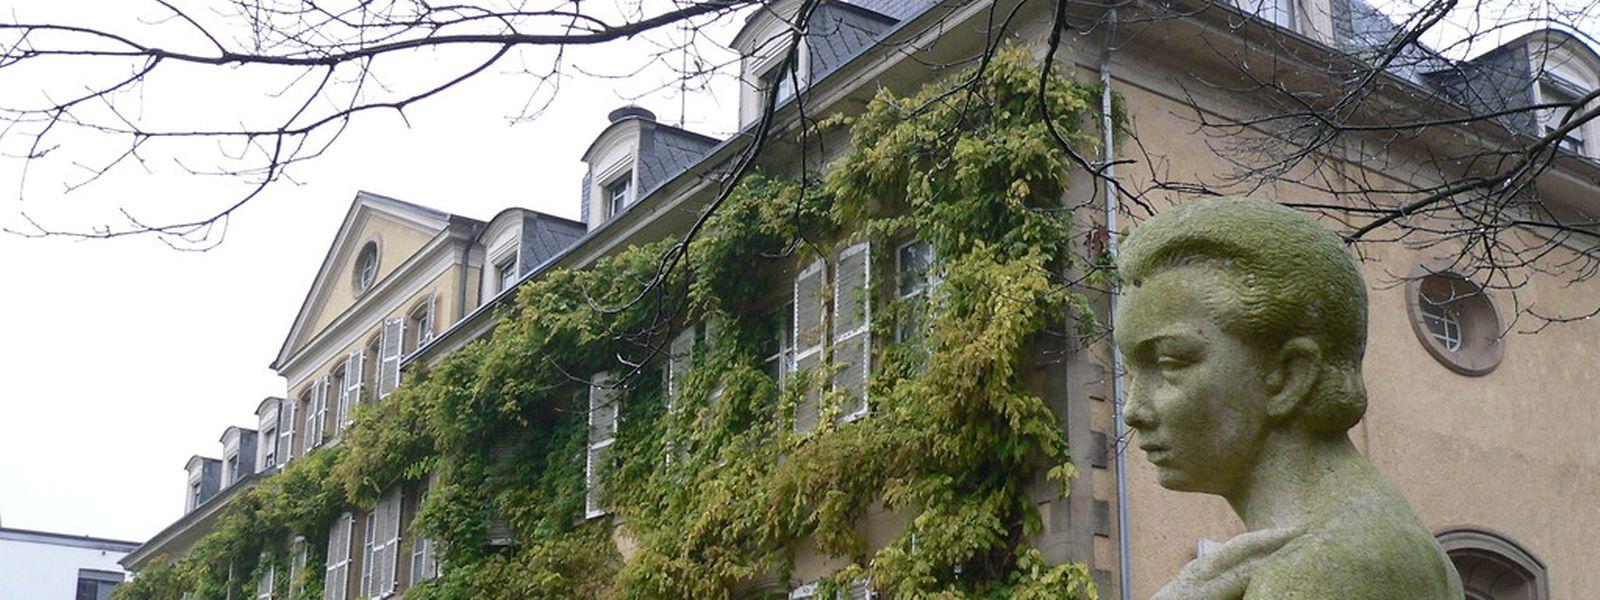 Im Dornröschenschlaf: Schloss Colpach wartet weiter auf neue Glanzzeiten